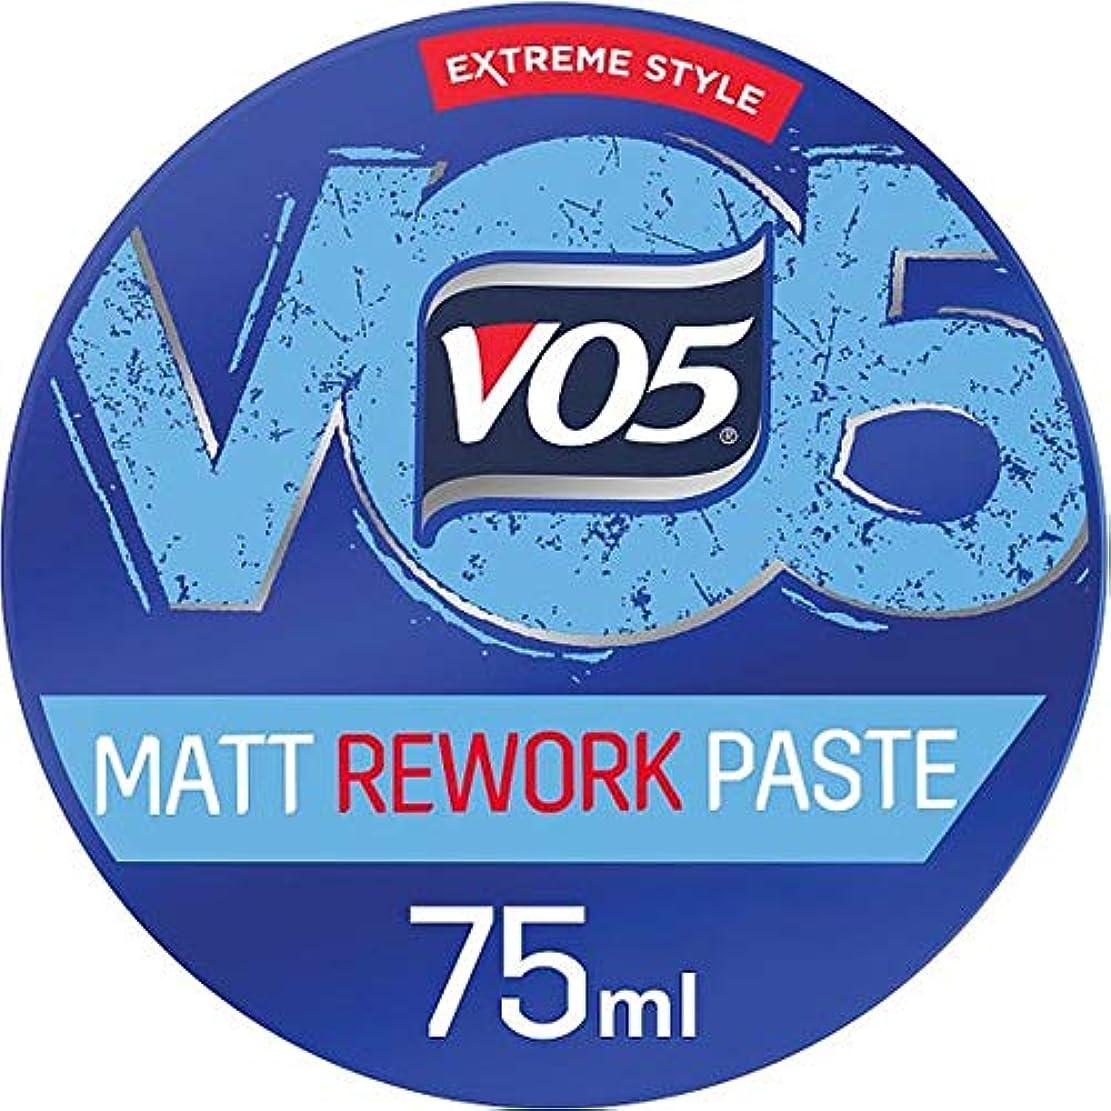 アクロバット極地理論[Vo5] Vo5極端なスタイルマットリワークペースト75ミリリットル - Vo5 Extreme Style Matte Rework Paste 75Ml [並行輸入品]